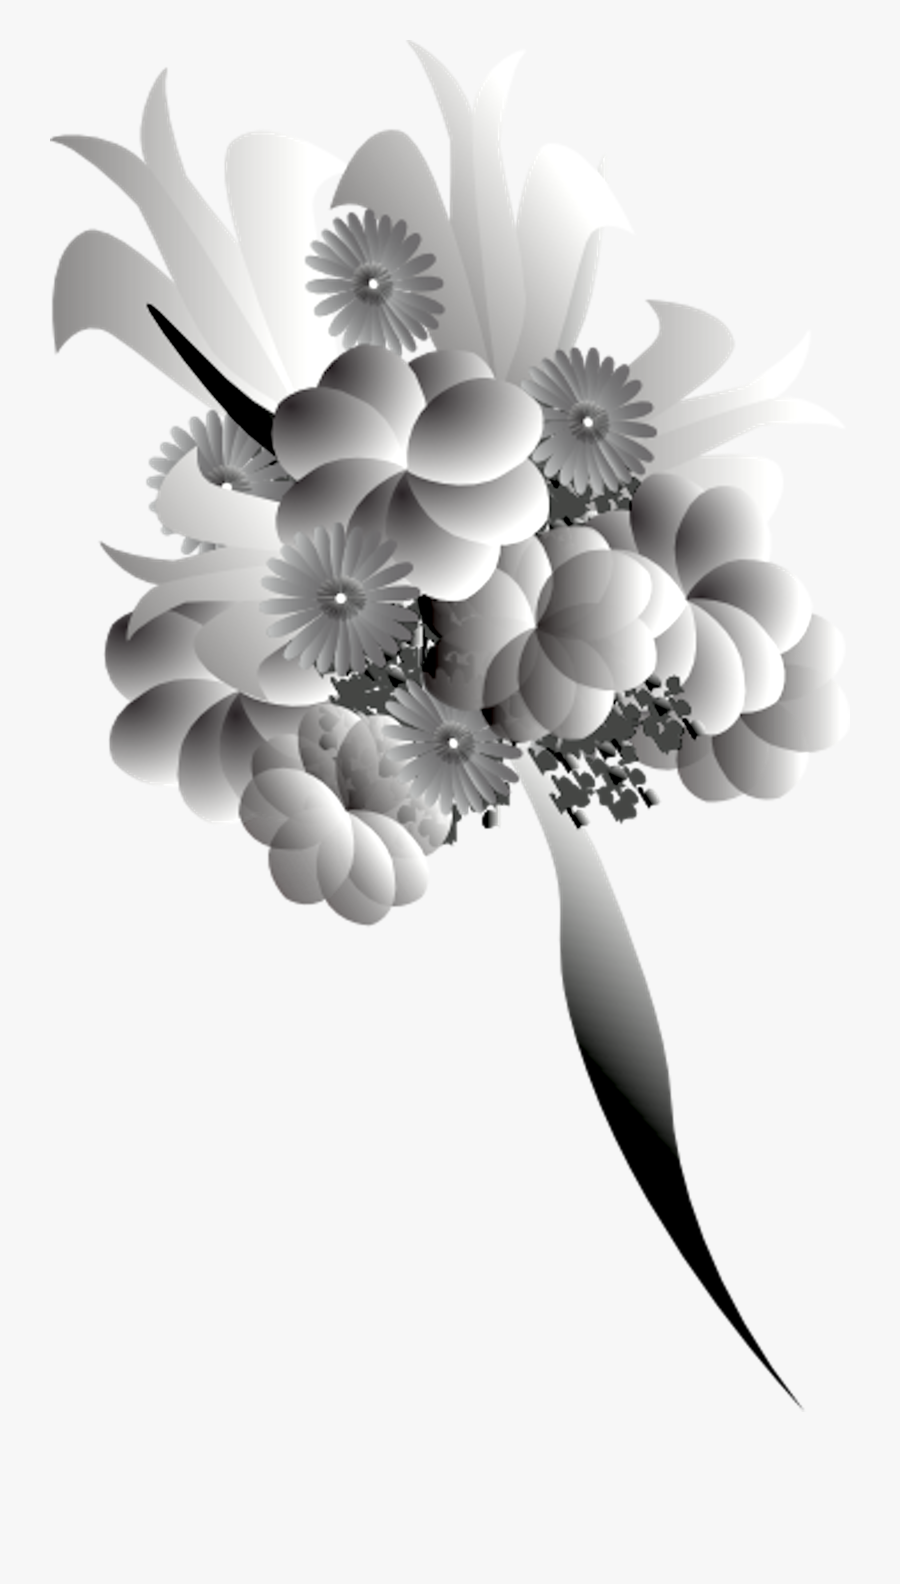 Bouquet Black White - Flower Bokeh Png Hd, Transparent Clipart